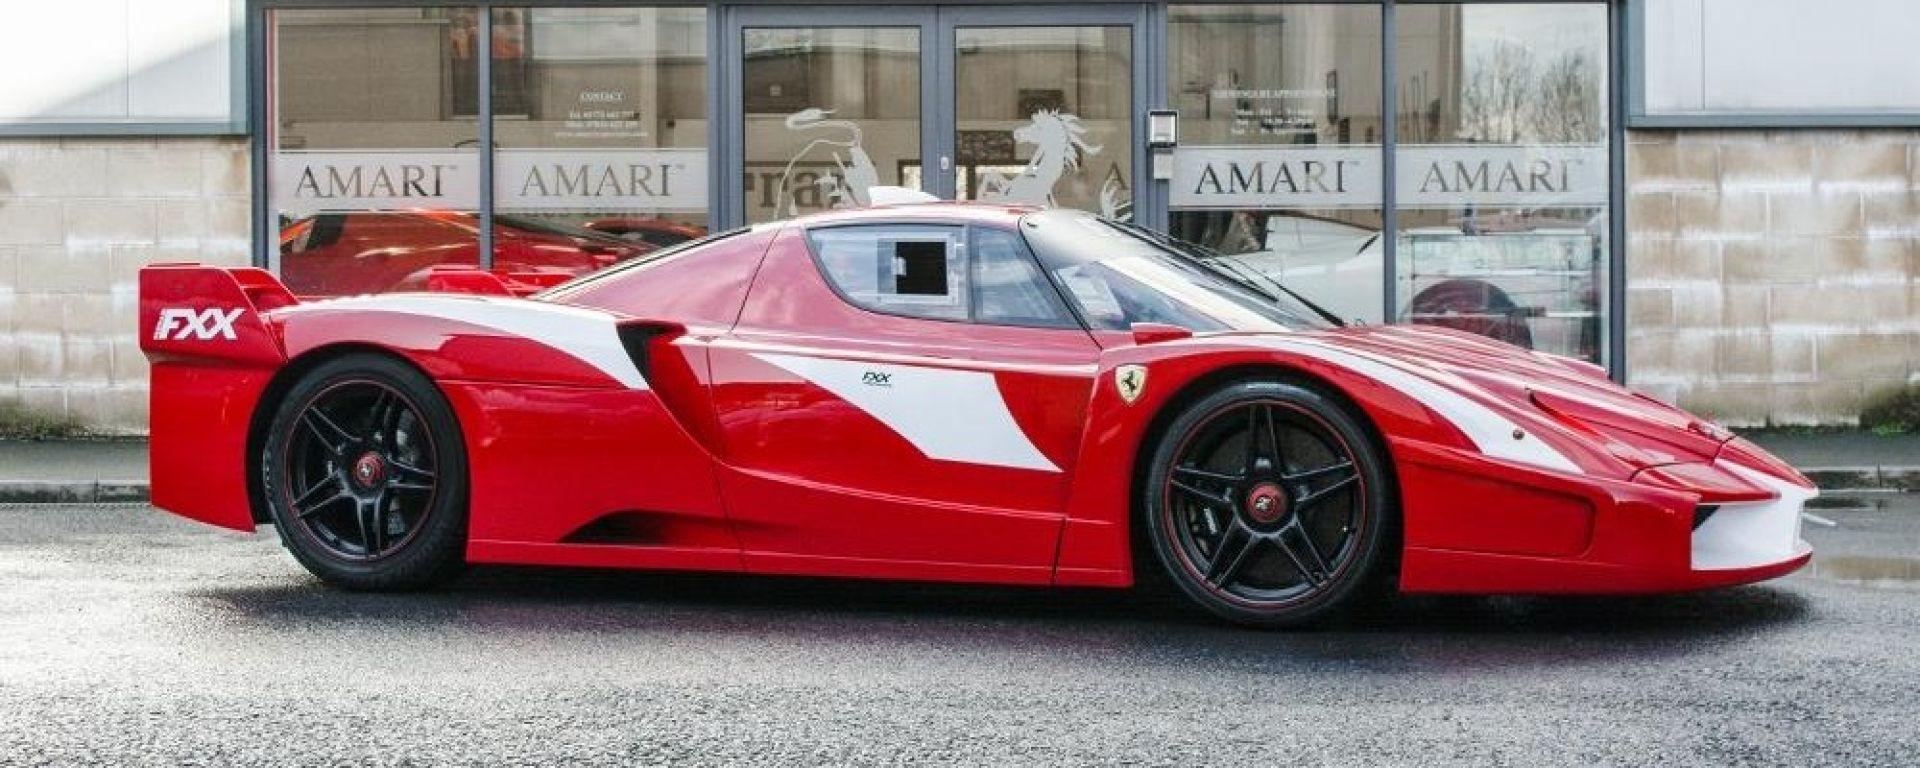 Ferrari FXX: in vendita l'unico esemplare stradale al mondo